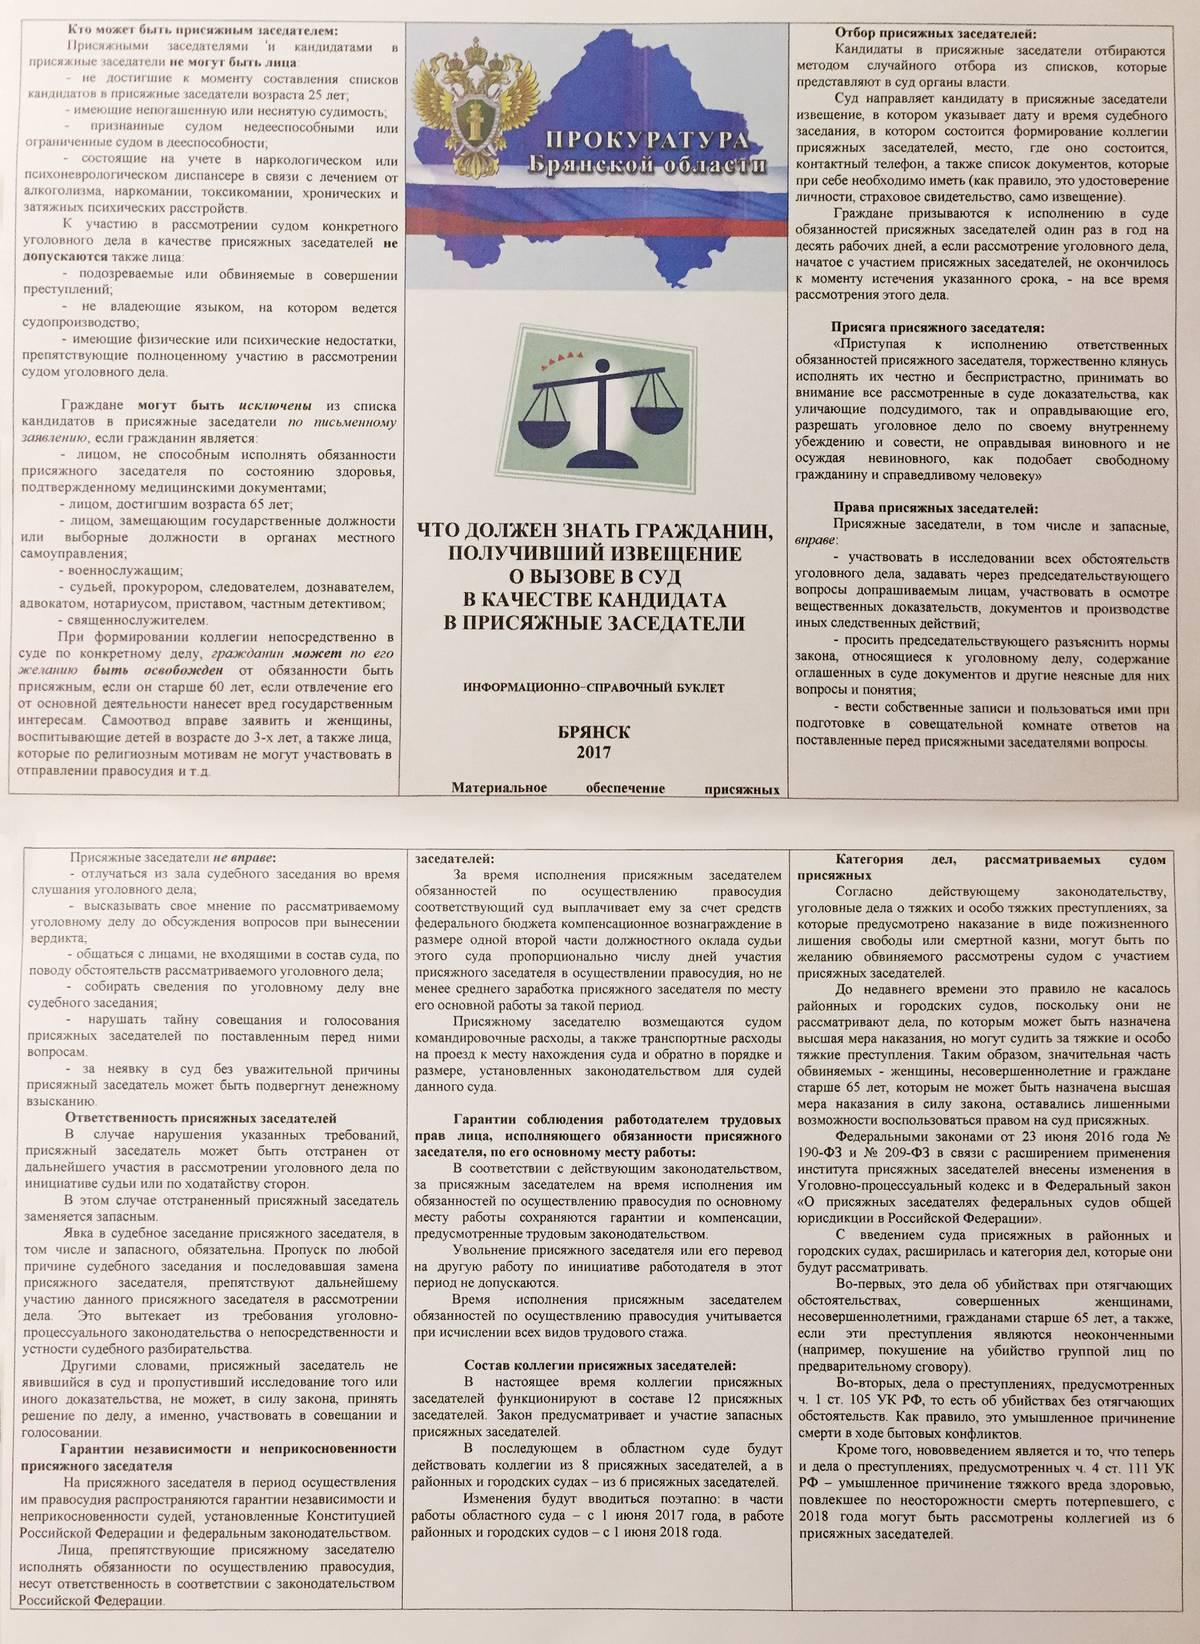 Справочная информация о статусе присяжного заседателя от прокуратуры Брянской области, 2017год